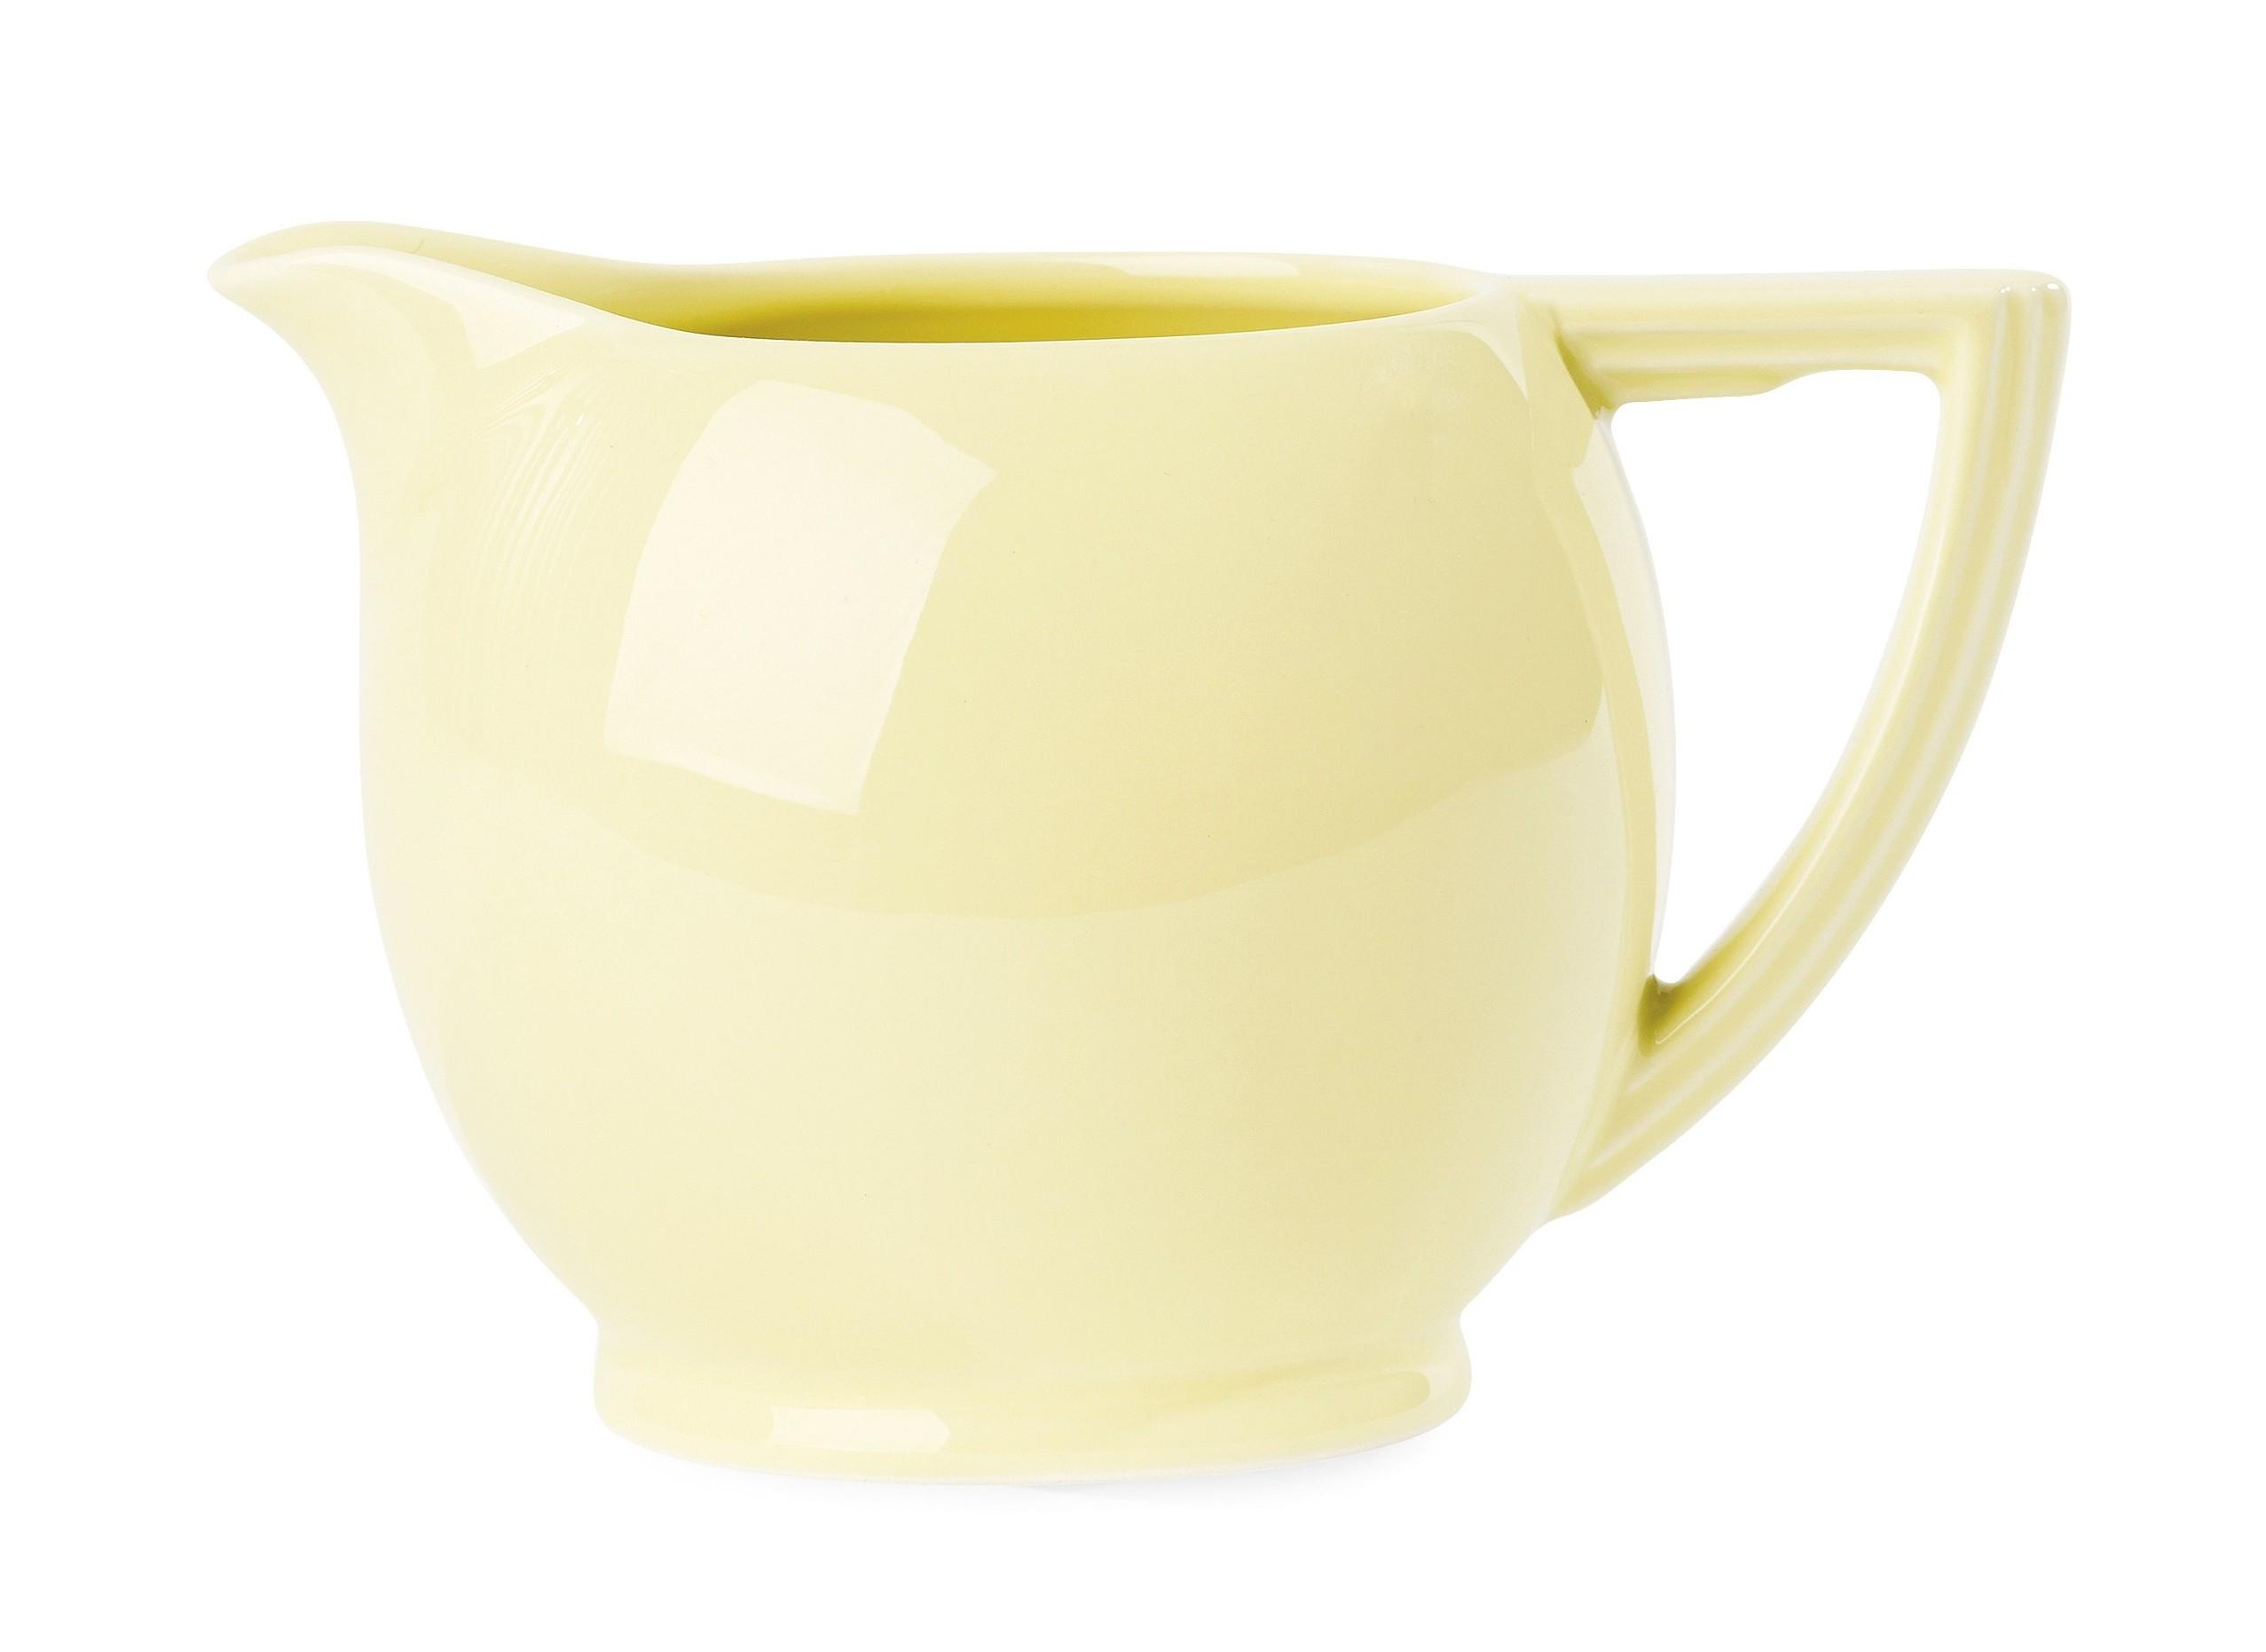 КувшинКувшины и графины<br>Кувшин Miss Etoile можно использовать как по прямому назначению, так и вписать в дизайн вашей кухни. Он придаст изюминку любому интерьеру и займет достойное место в ряду аксессуаров любой домохозяйки. На протяжении многих лет кувшин незаменим в ведении домашнего хозяйства, его использовали для воды, молока, сливок. Кувшин от Miss Etoile непременно внесет элемент роскоши в ваш дом!<br><br>Material: Керамика<br>Length см: None<br>Width см: 18<br>Depth см: 10<br>Height см: 12<br>Diameter см: None